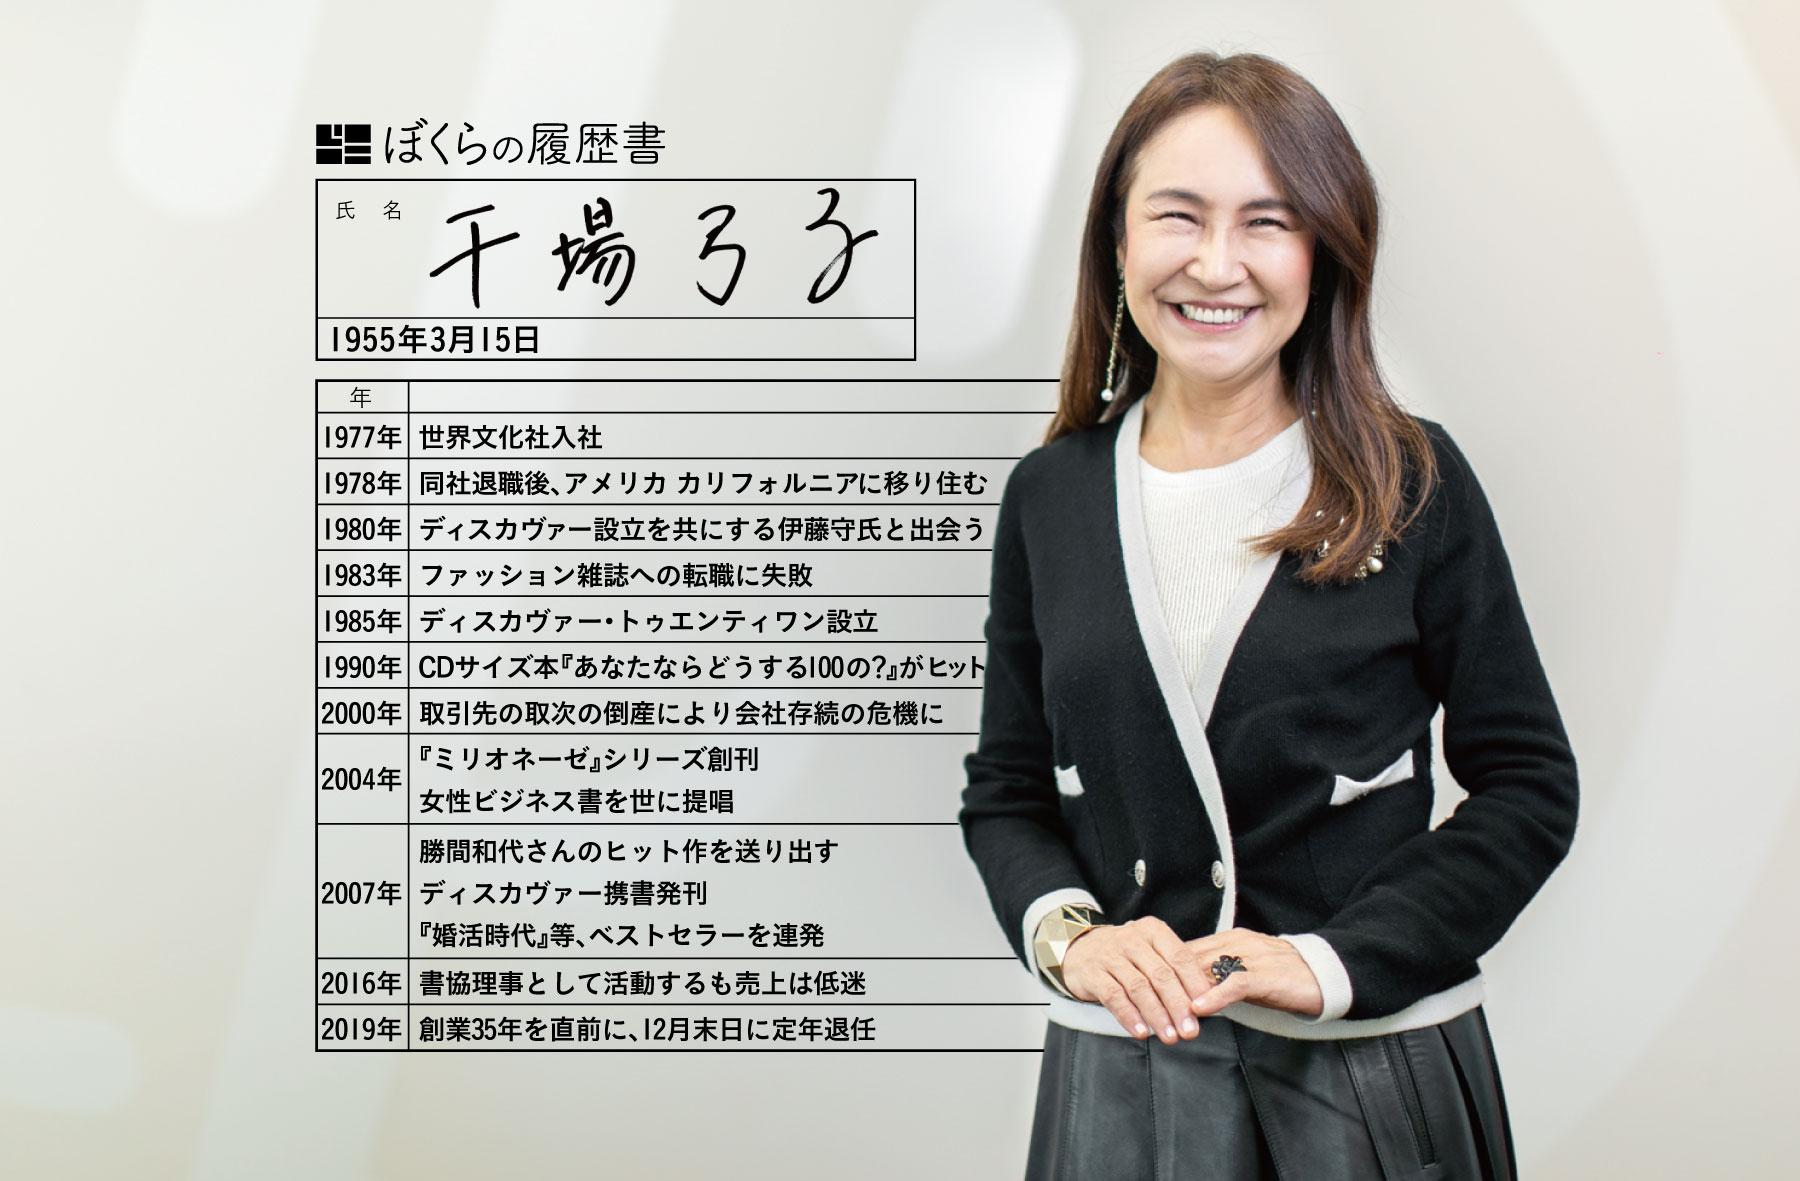 干場弓子さんの履歴書